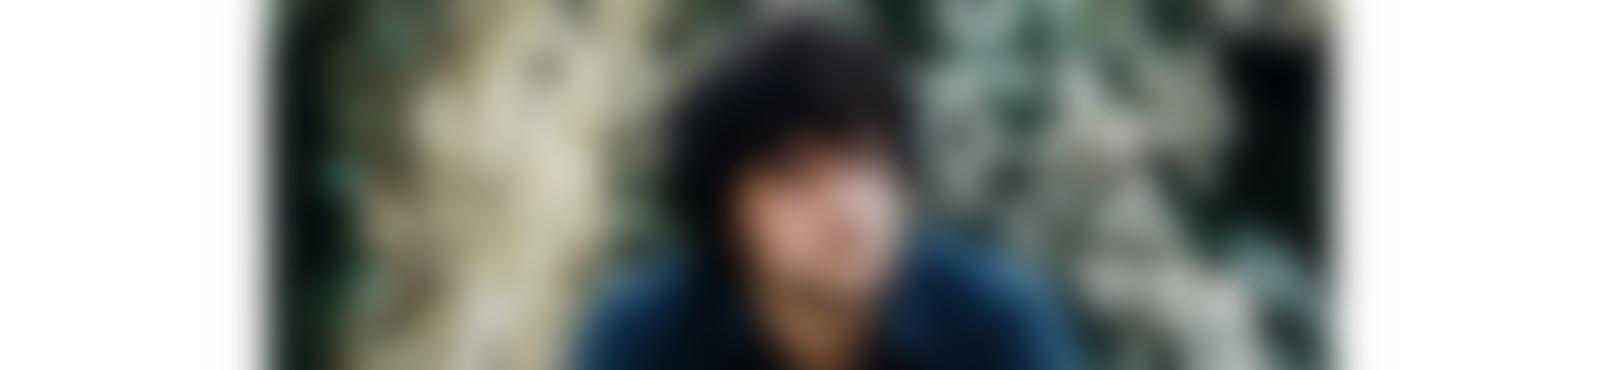 Blurred 13e4216a 95f2 404b 9431 2842045e01f6